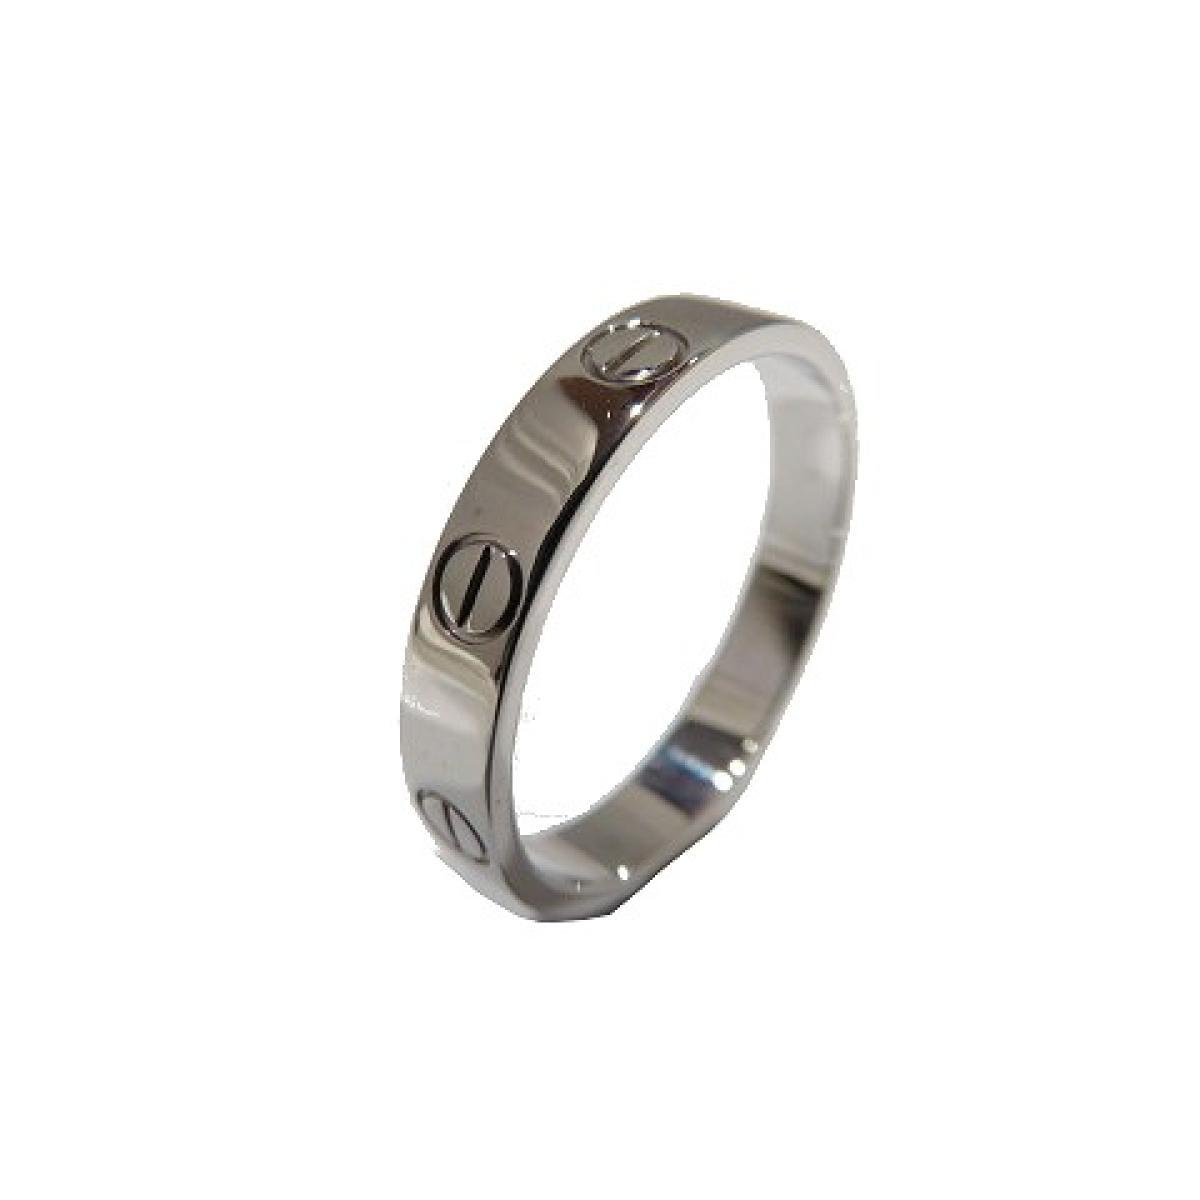 ミニラブリング リング 指輪/おすすめ #56/15.5号